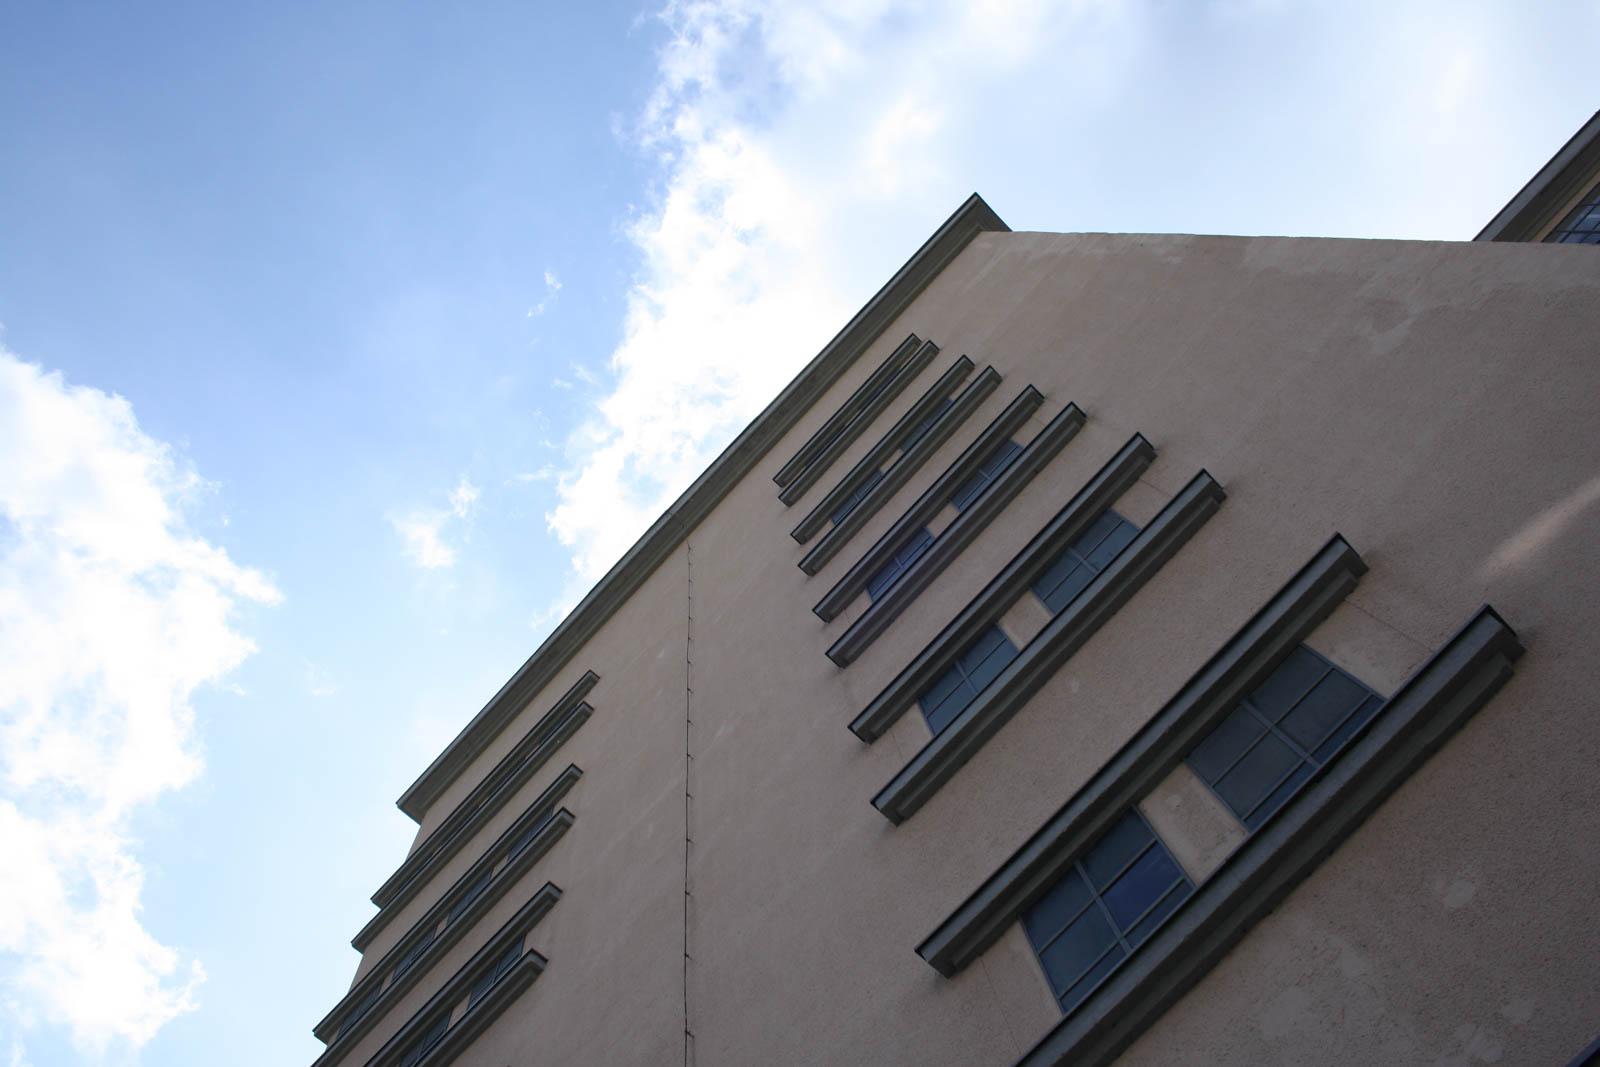 Blick nach oben entlang der Fassade der Hochgarage